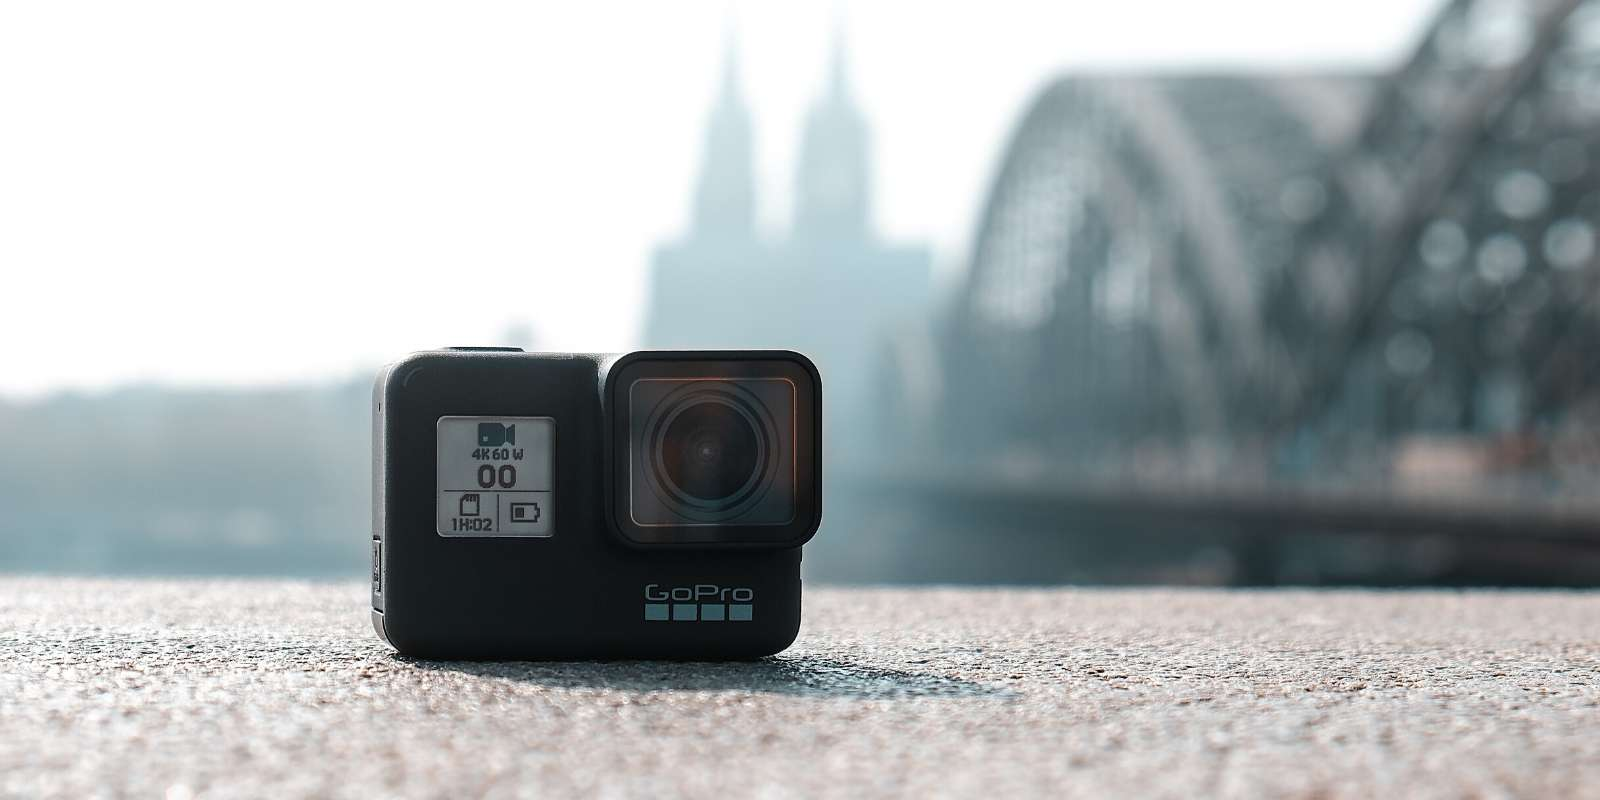 La GoPro HERO7 Black, une caméra haute définition polyvalente, actuellement en promotion. © Unsplash